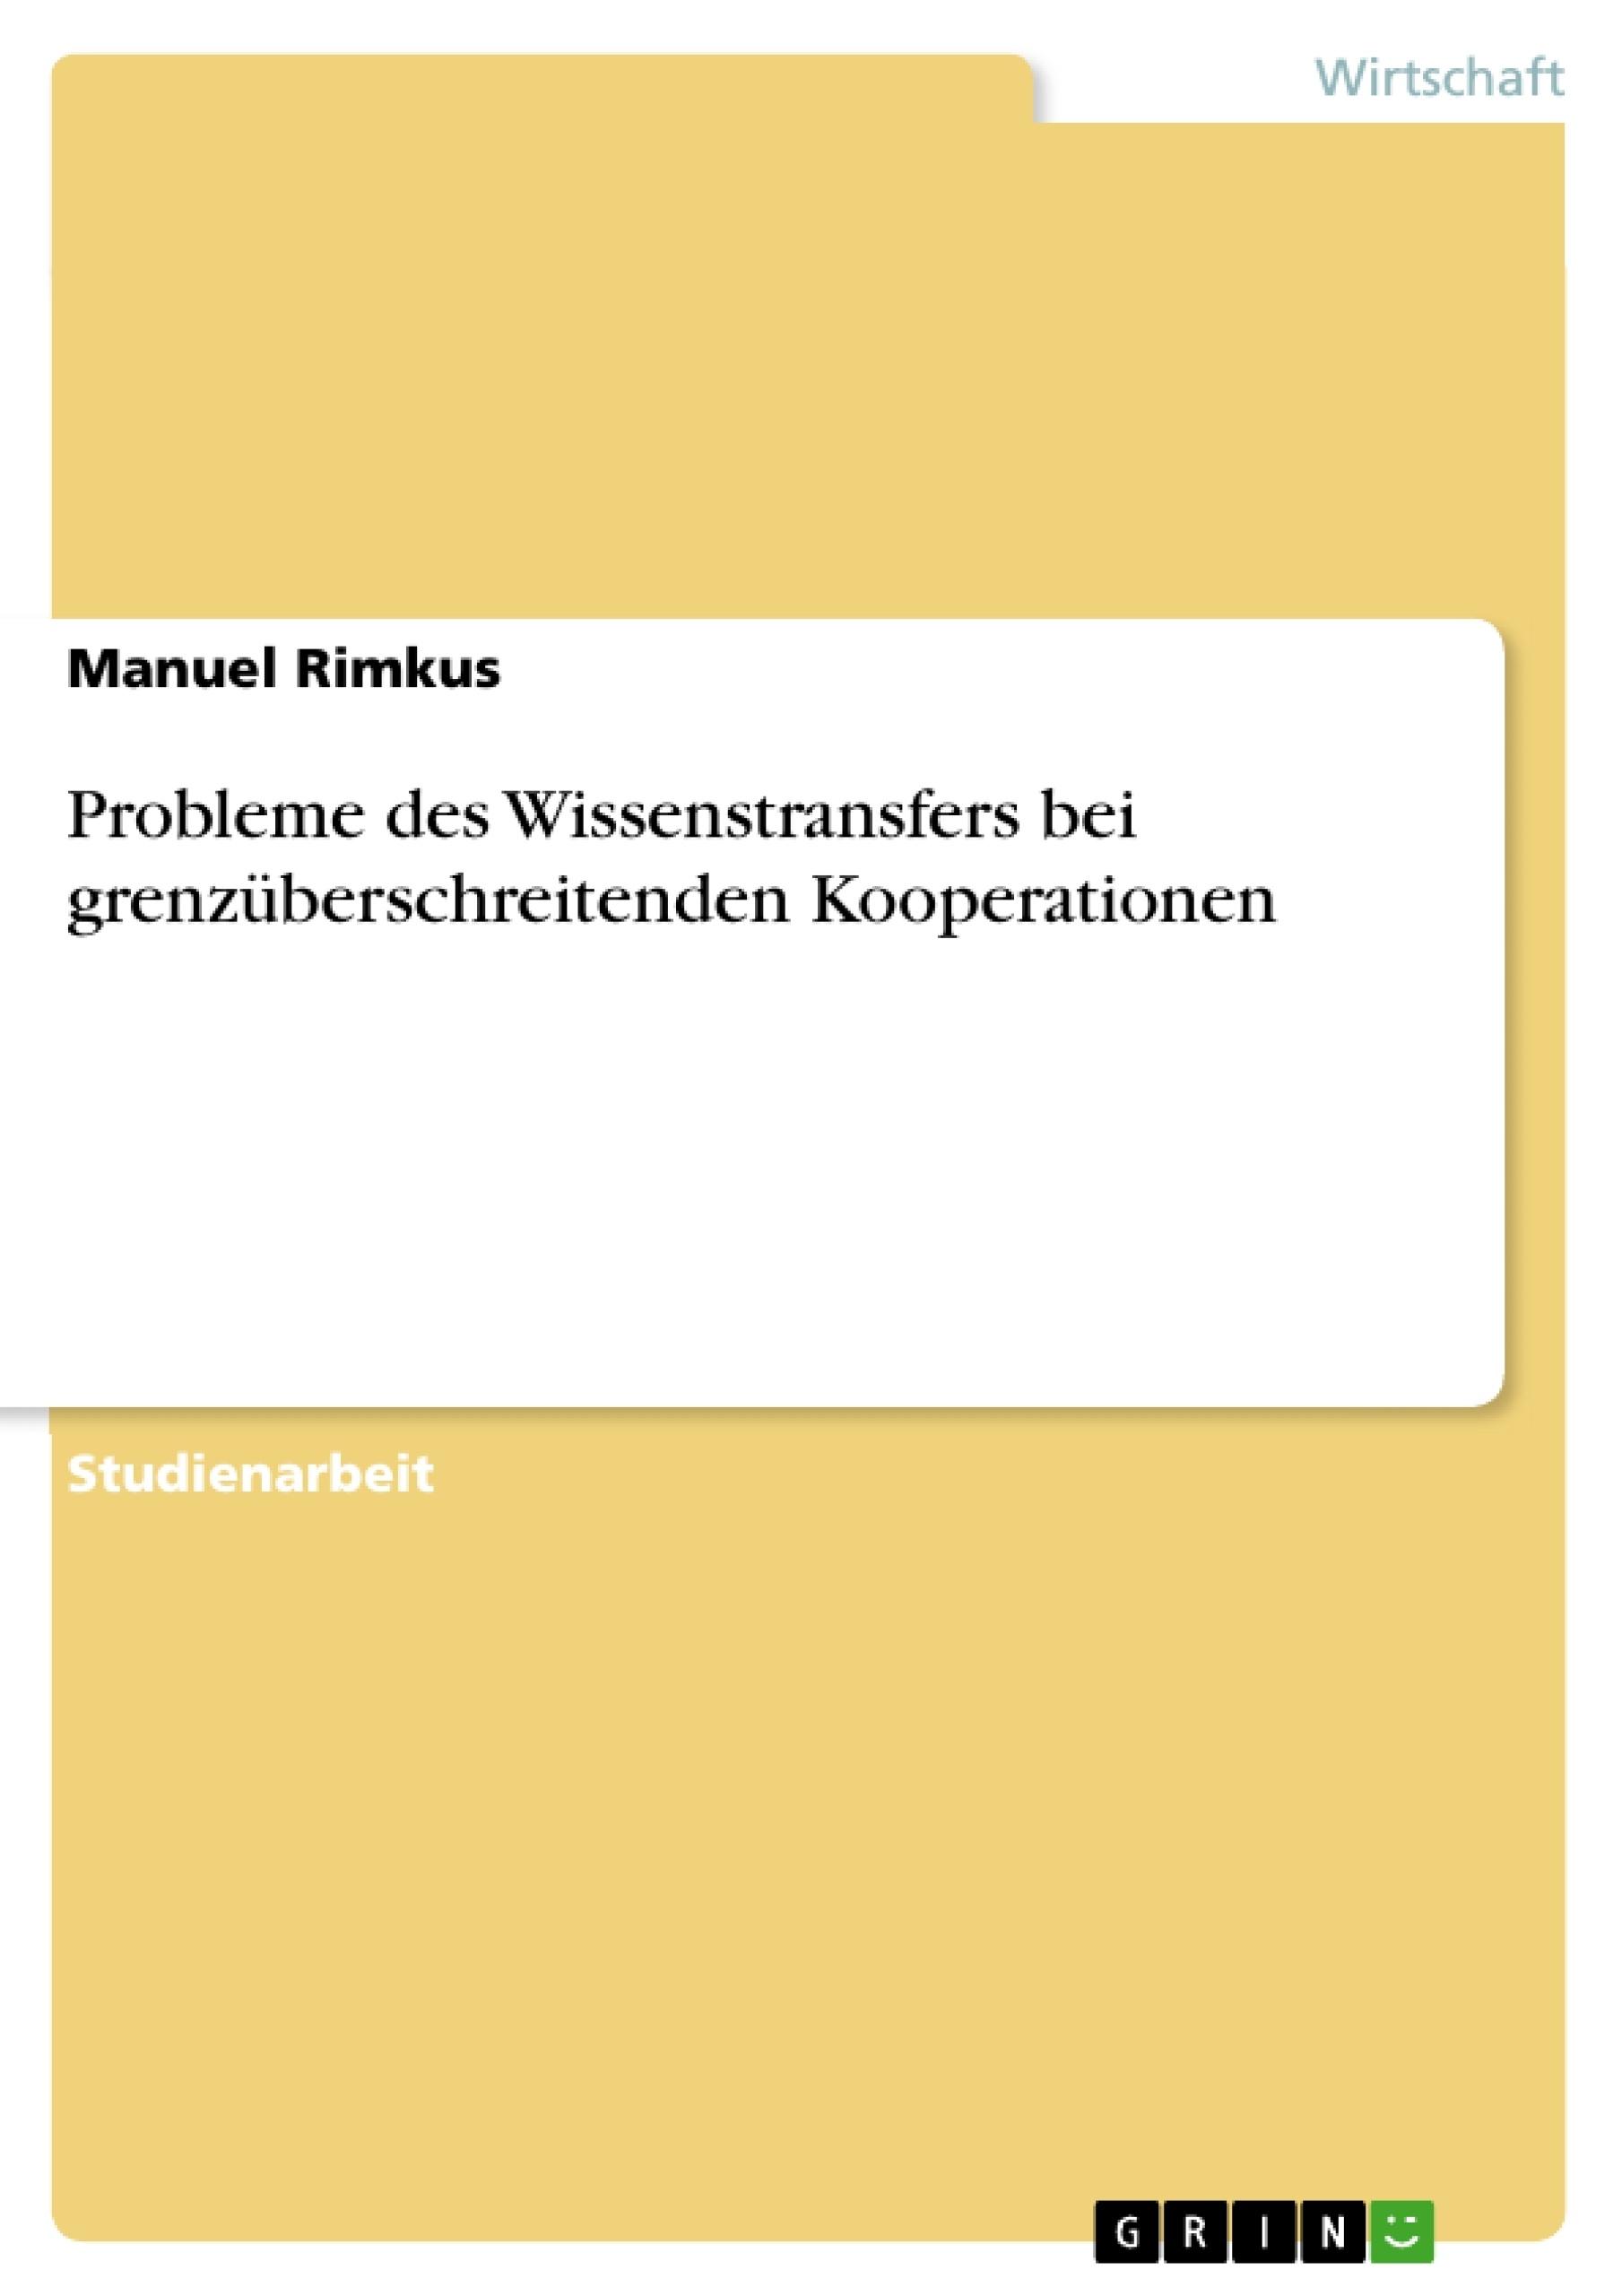 Titel: Probleme des Wissenstransfers bei grenzüberschreitenden Kooperationen